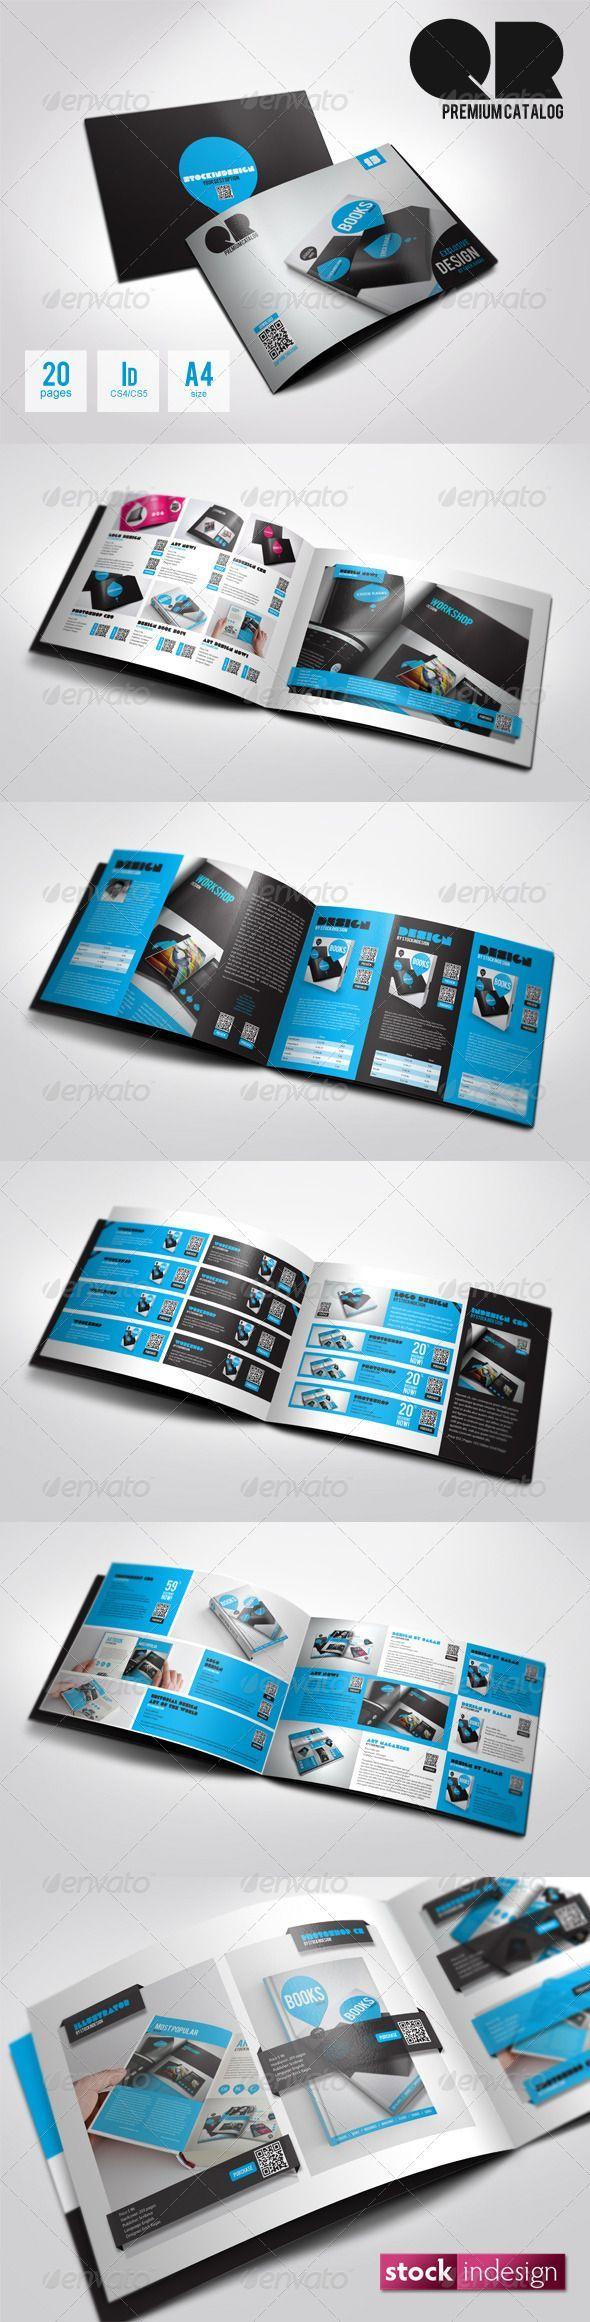 QR Flexible Product Catalog Premium v2: